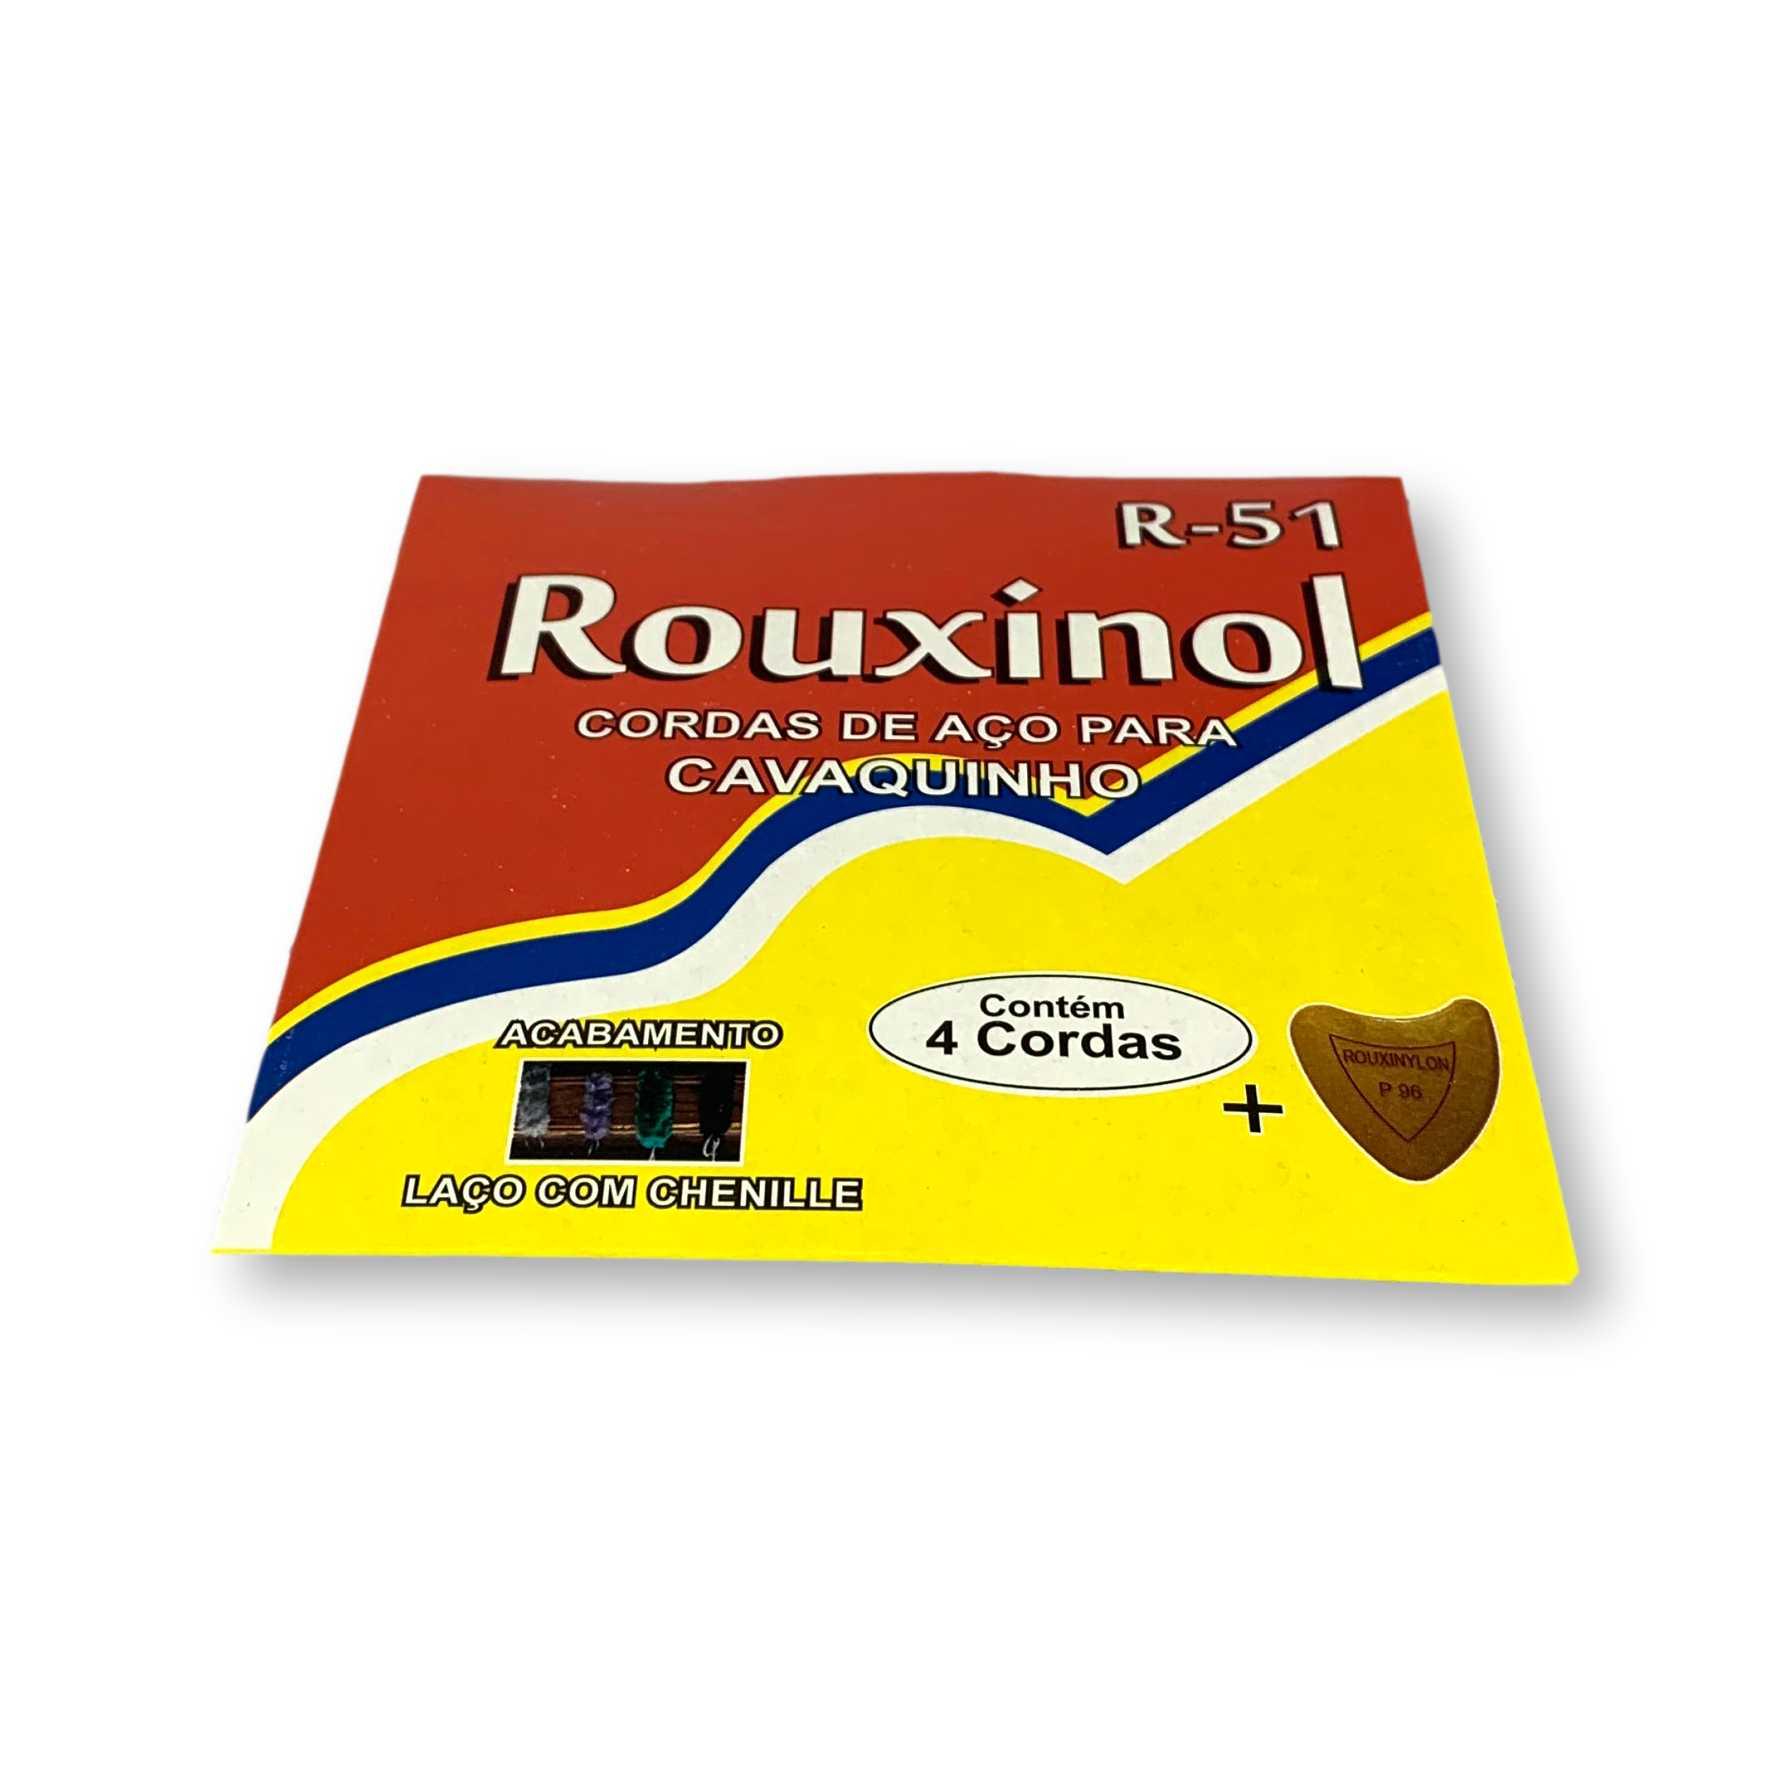 Encordoamento Rouxinol Para Cavaquinho Caixa Com 12 R51